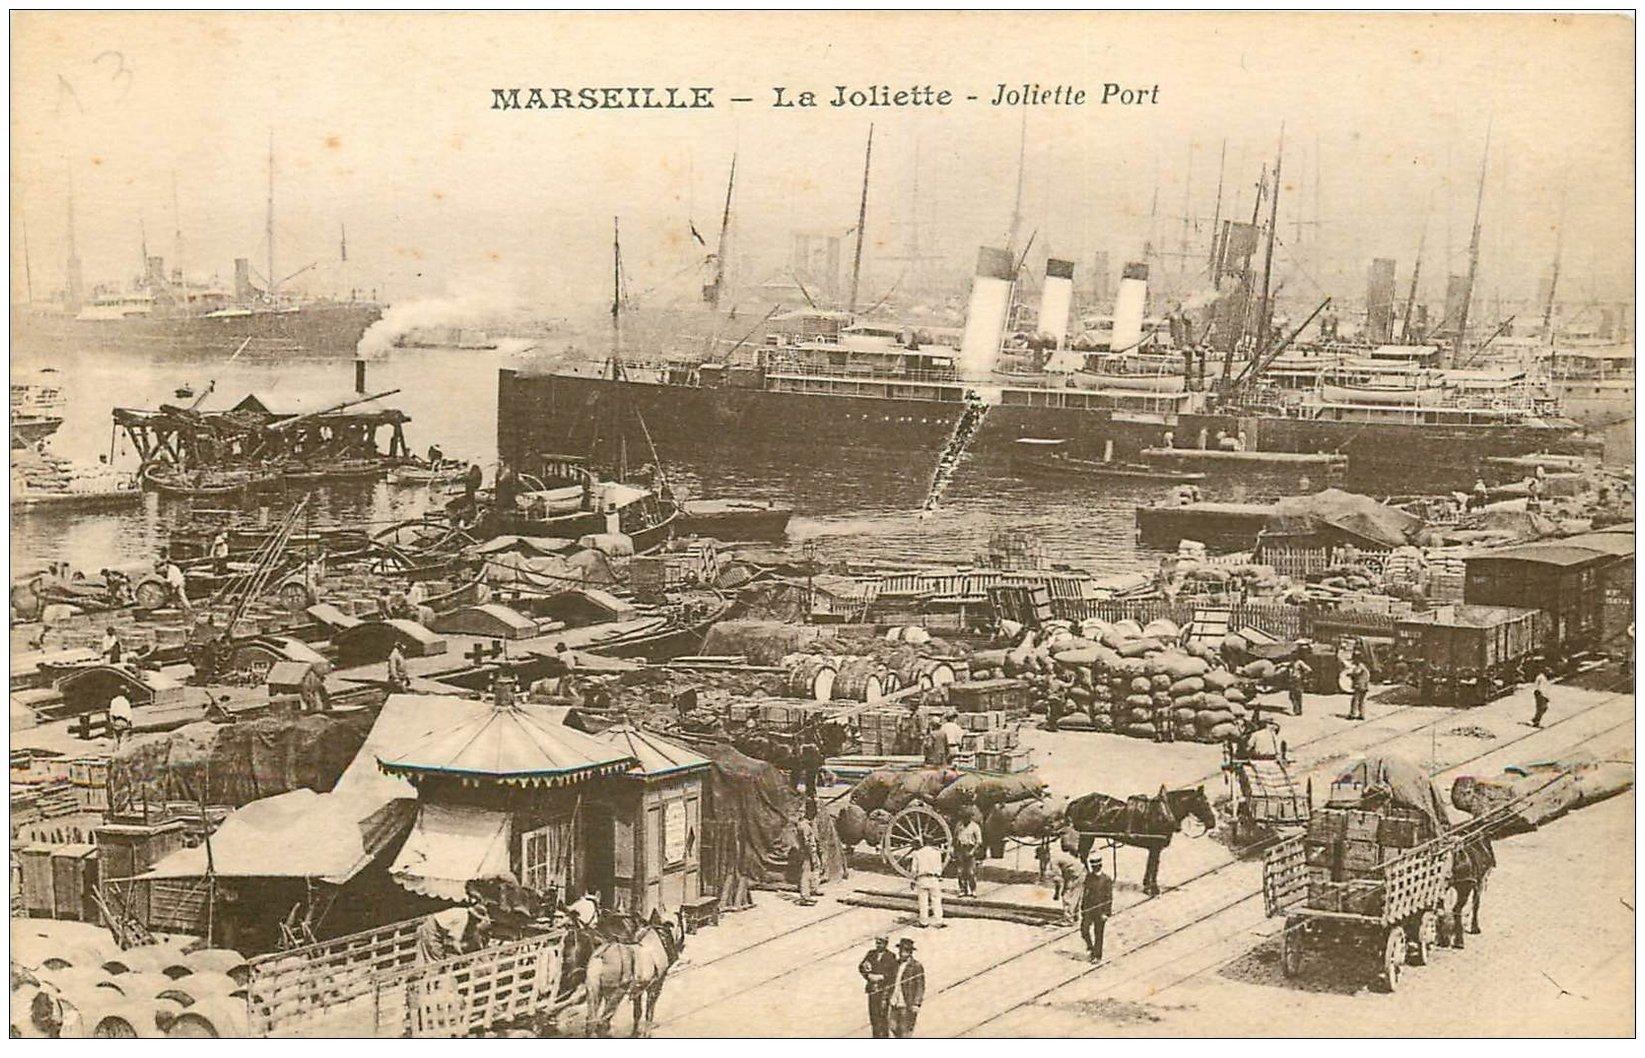 13 MARSEILLE. La Joliette. Navires dans le port